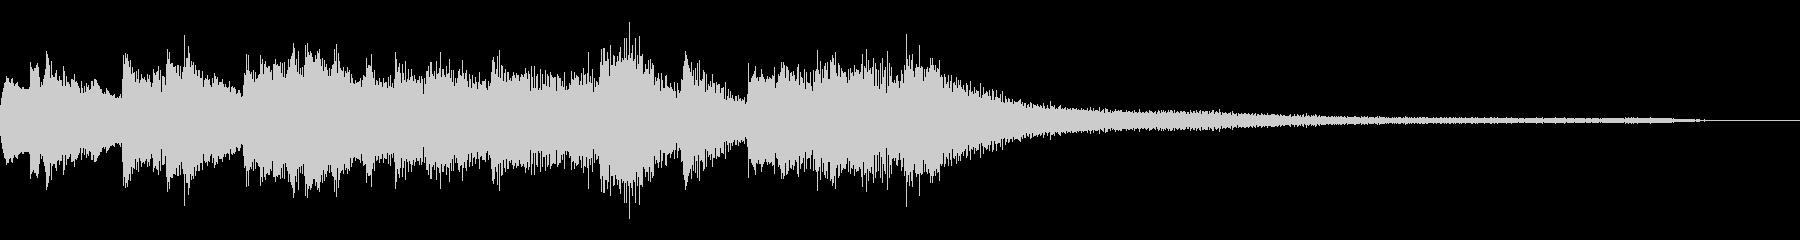 和風のジングル7-ピアノソロの未再生の波形